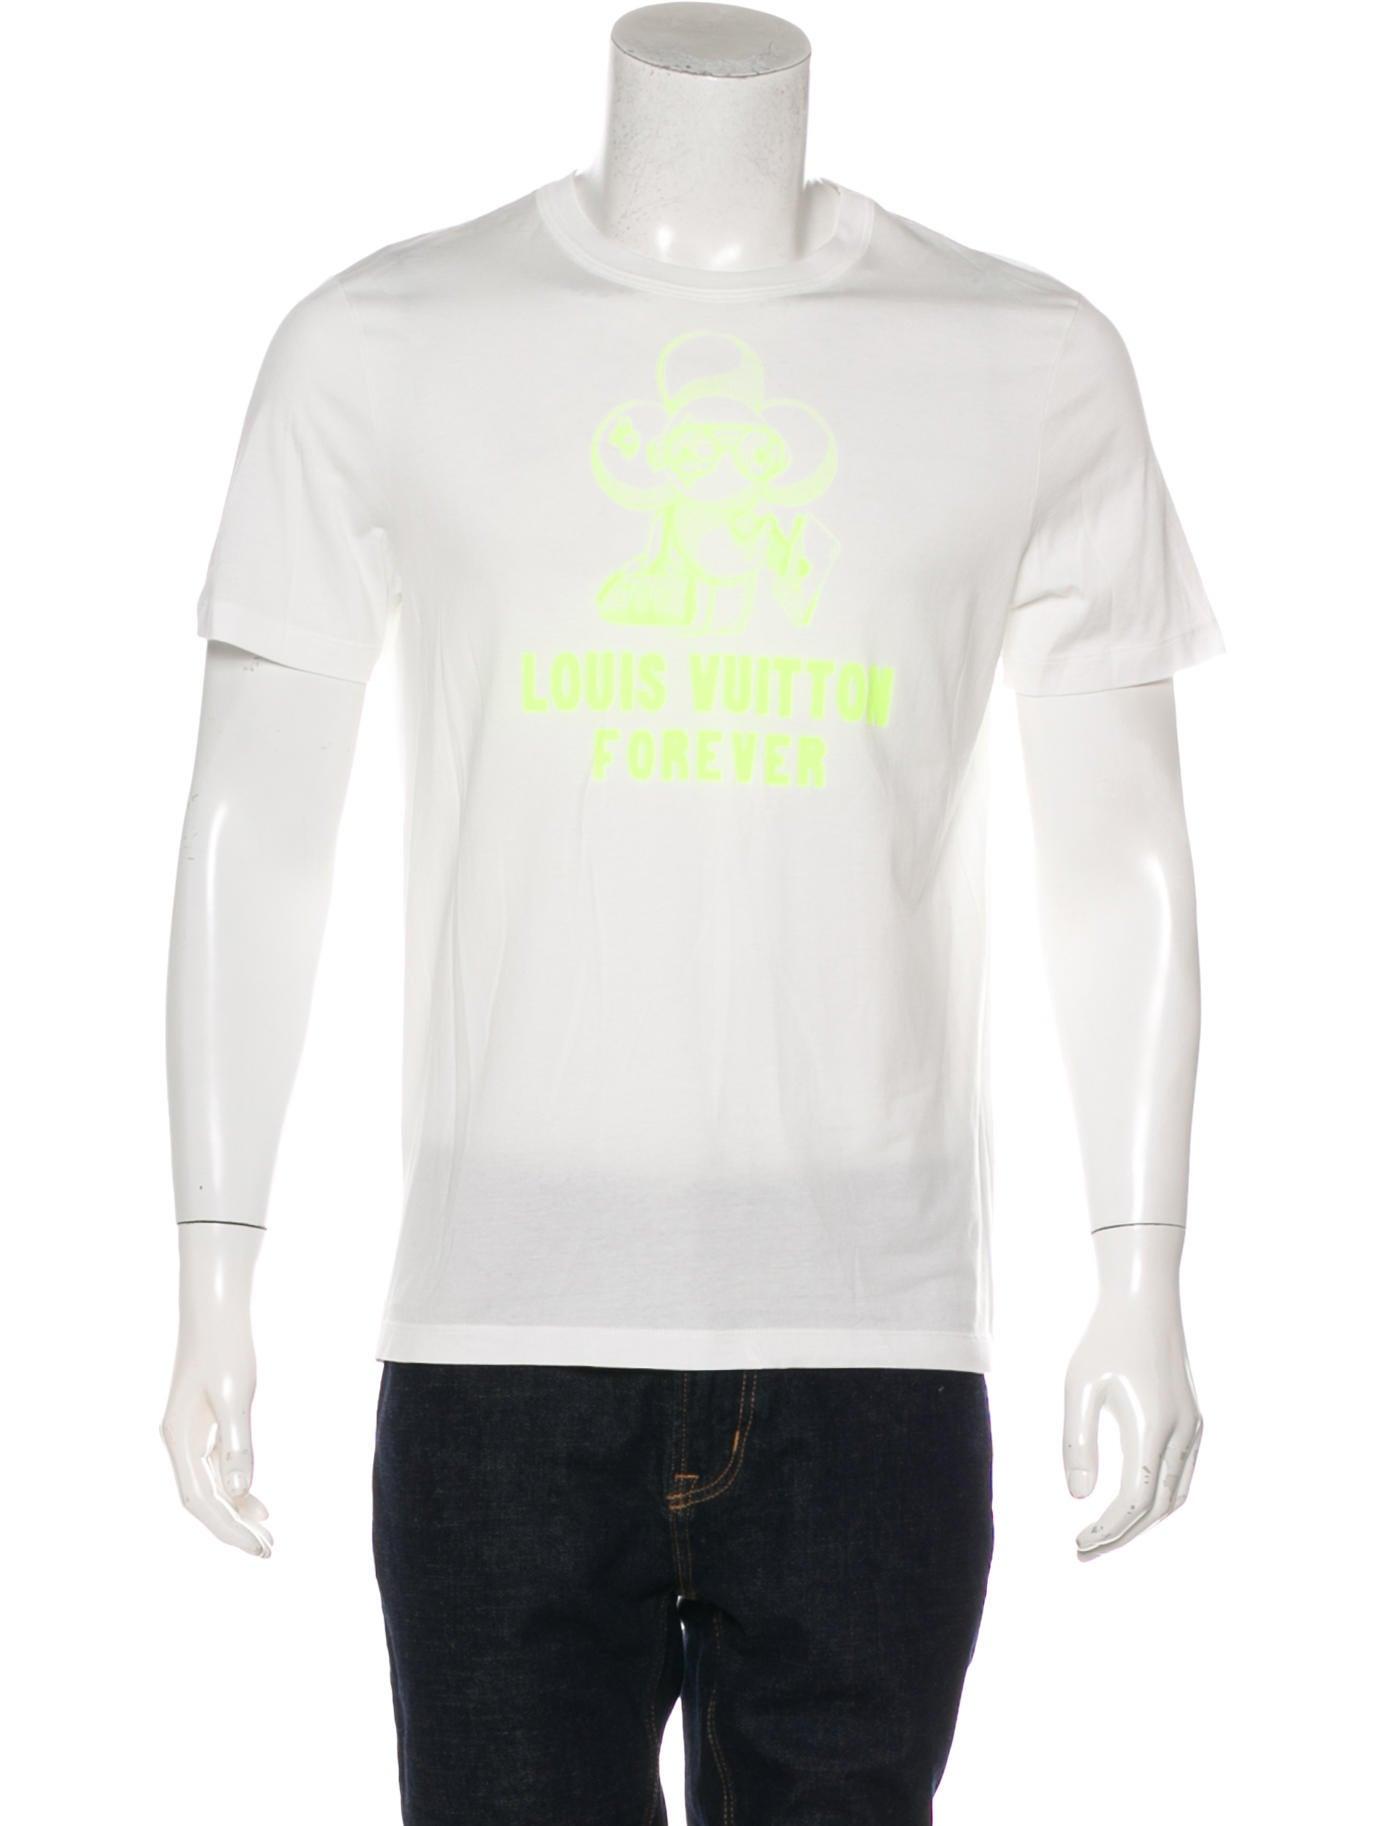 28de7e081fef Louis Vuitton 2018 Vivienne Forever Graphic T-Shirt - Clothing ...